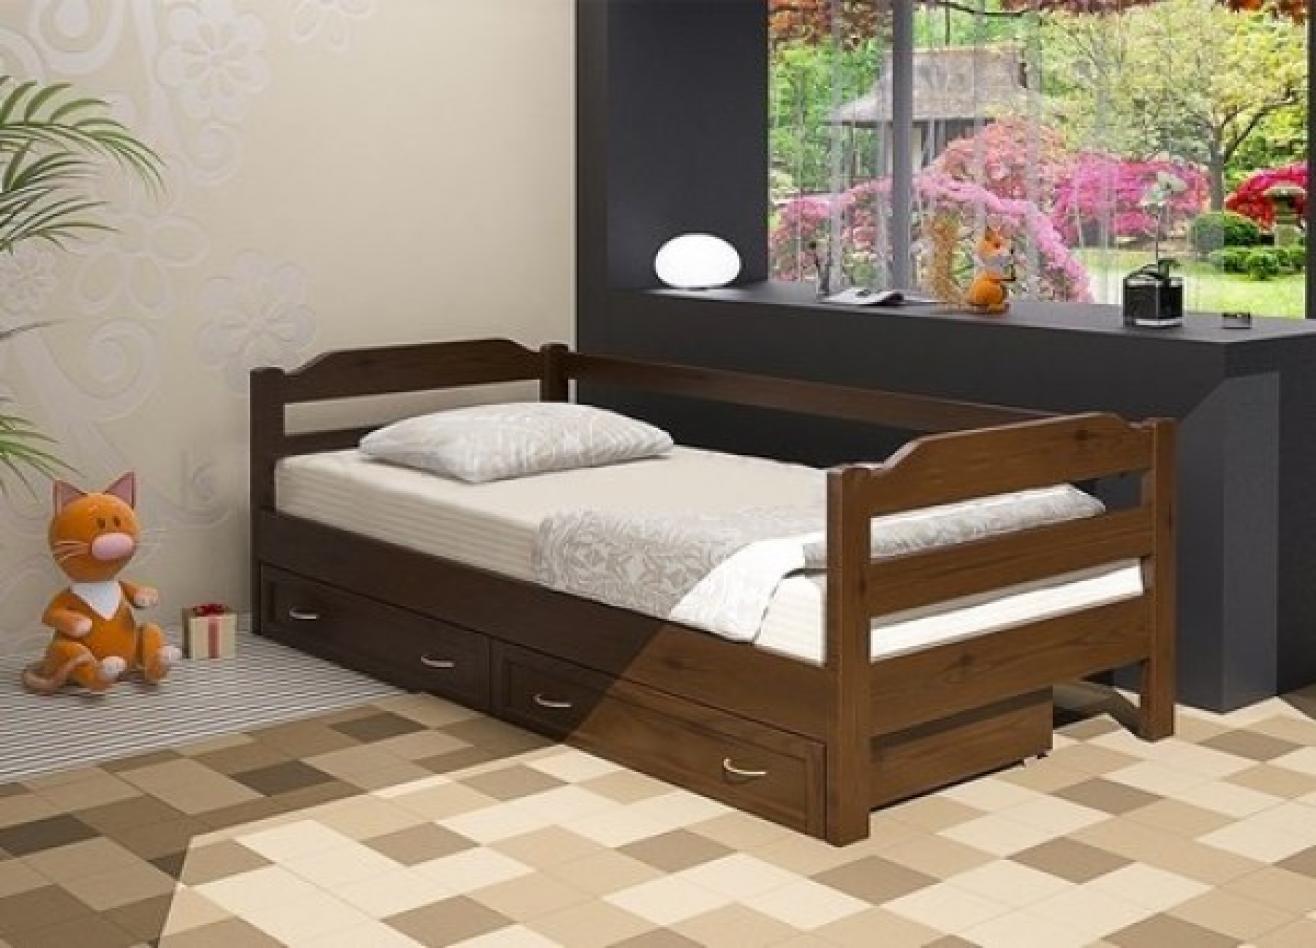 Коллекция детской мебели Кровати из массива